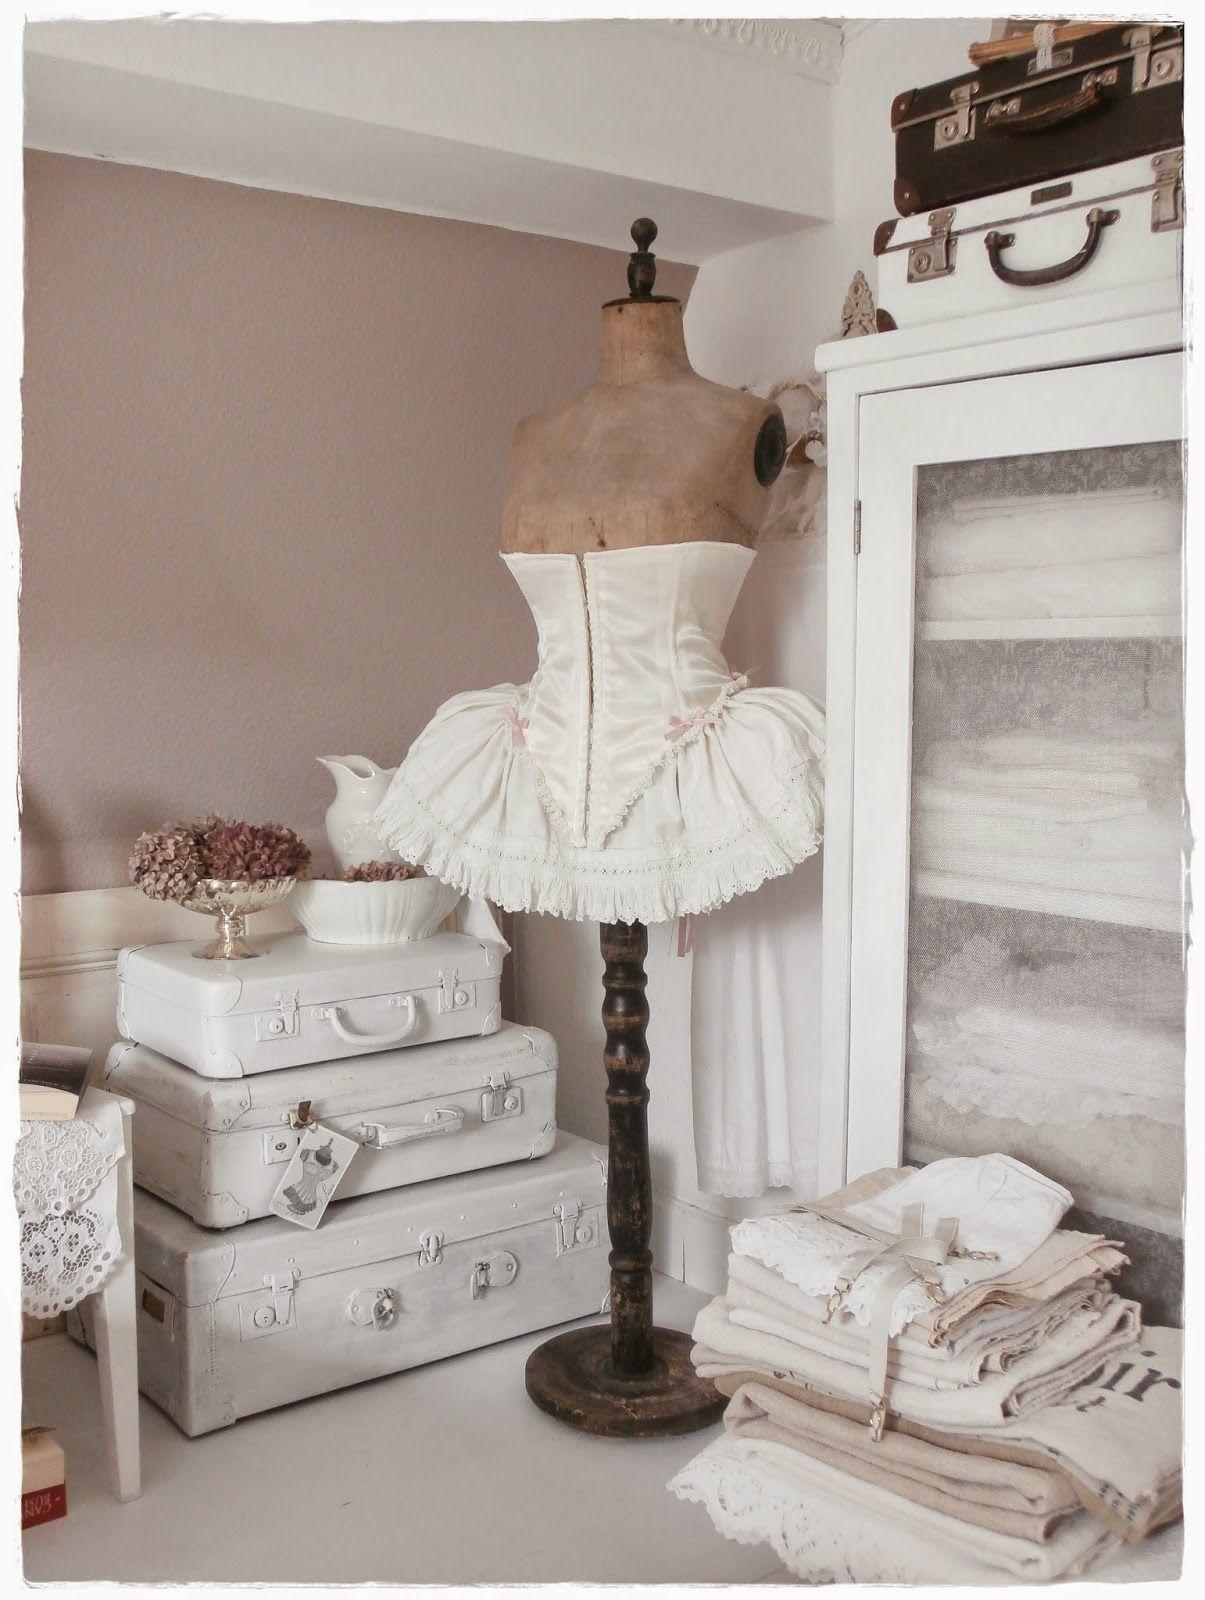 Come Aprire Un Negozio Shabby Chic.Una Romantica Casa Shabby Chic Style In Centro A Vienna Vintage Interieur Interieur Brocante